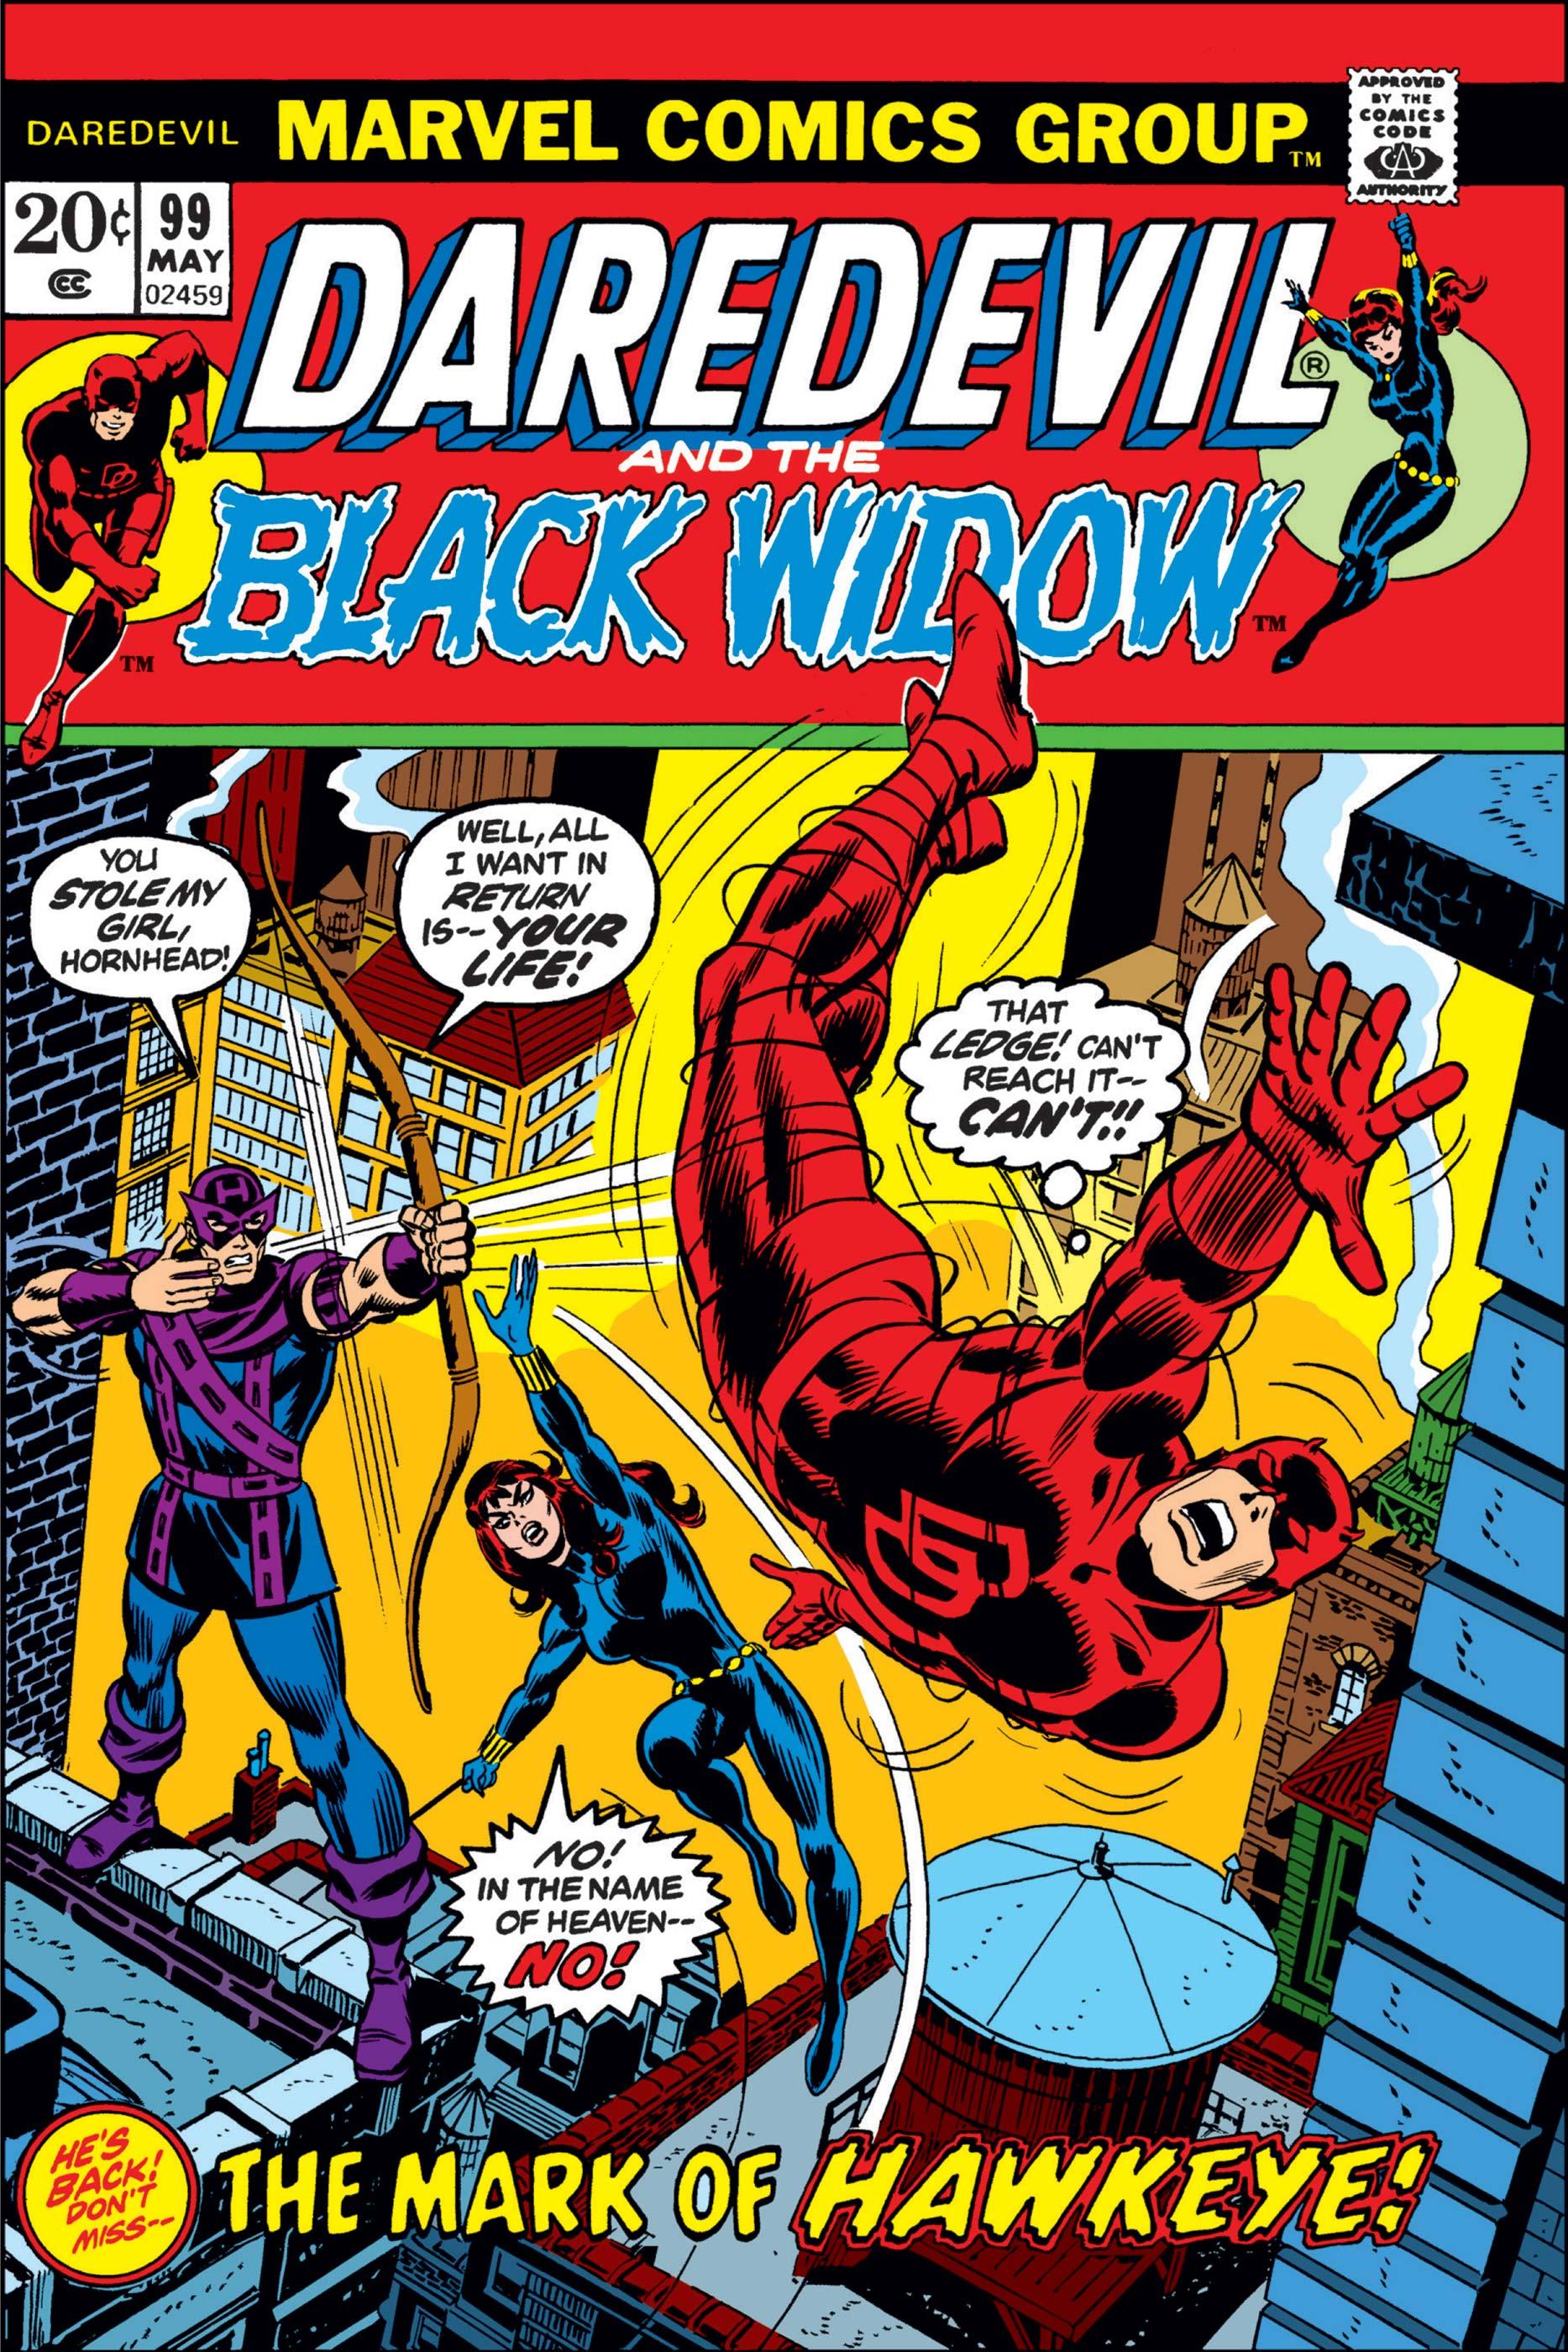 Daredevil (1964) #99